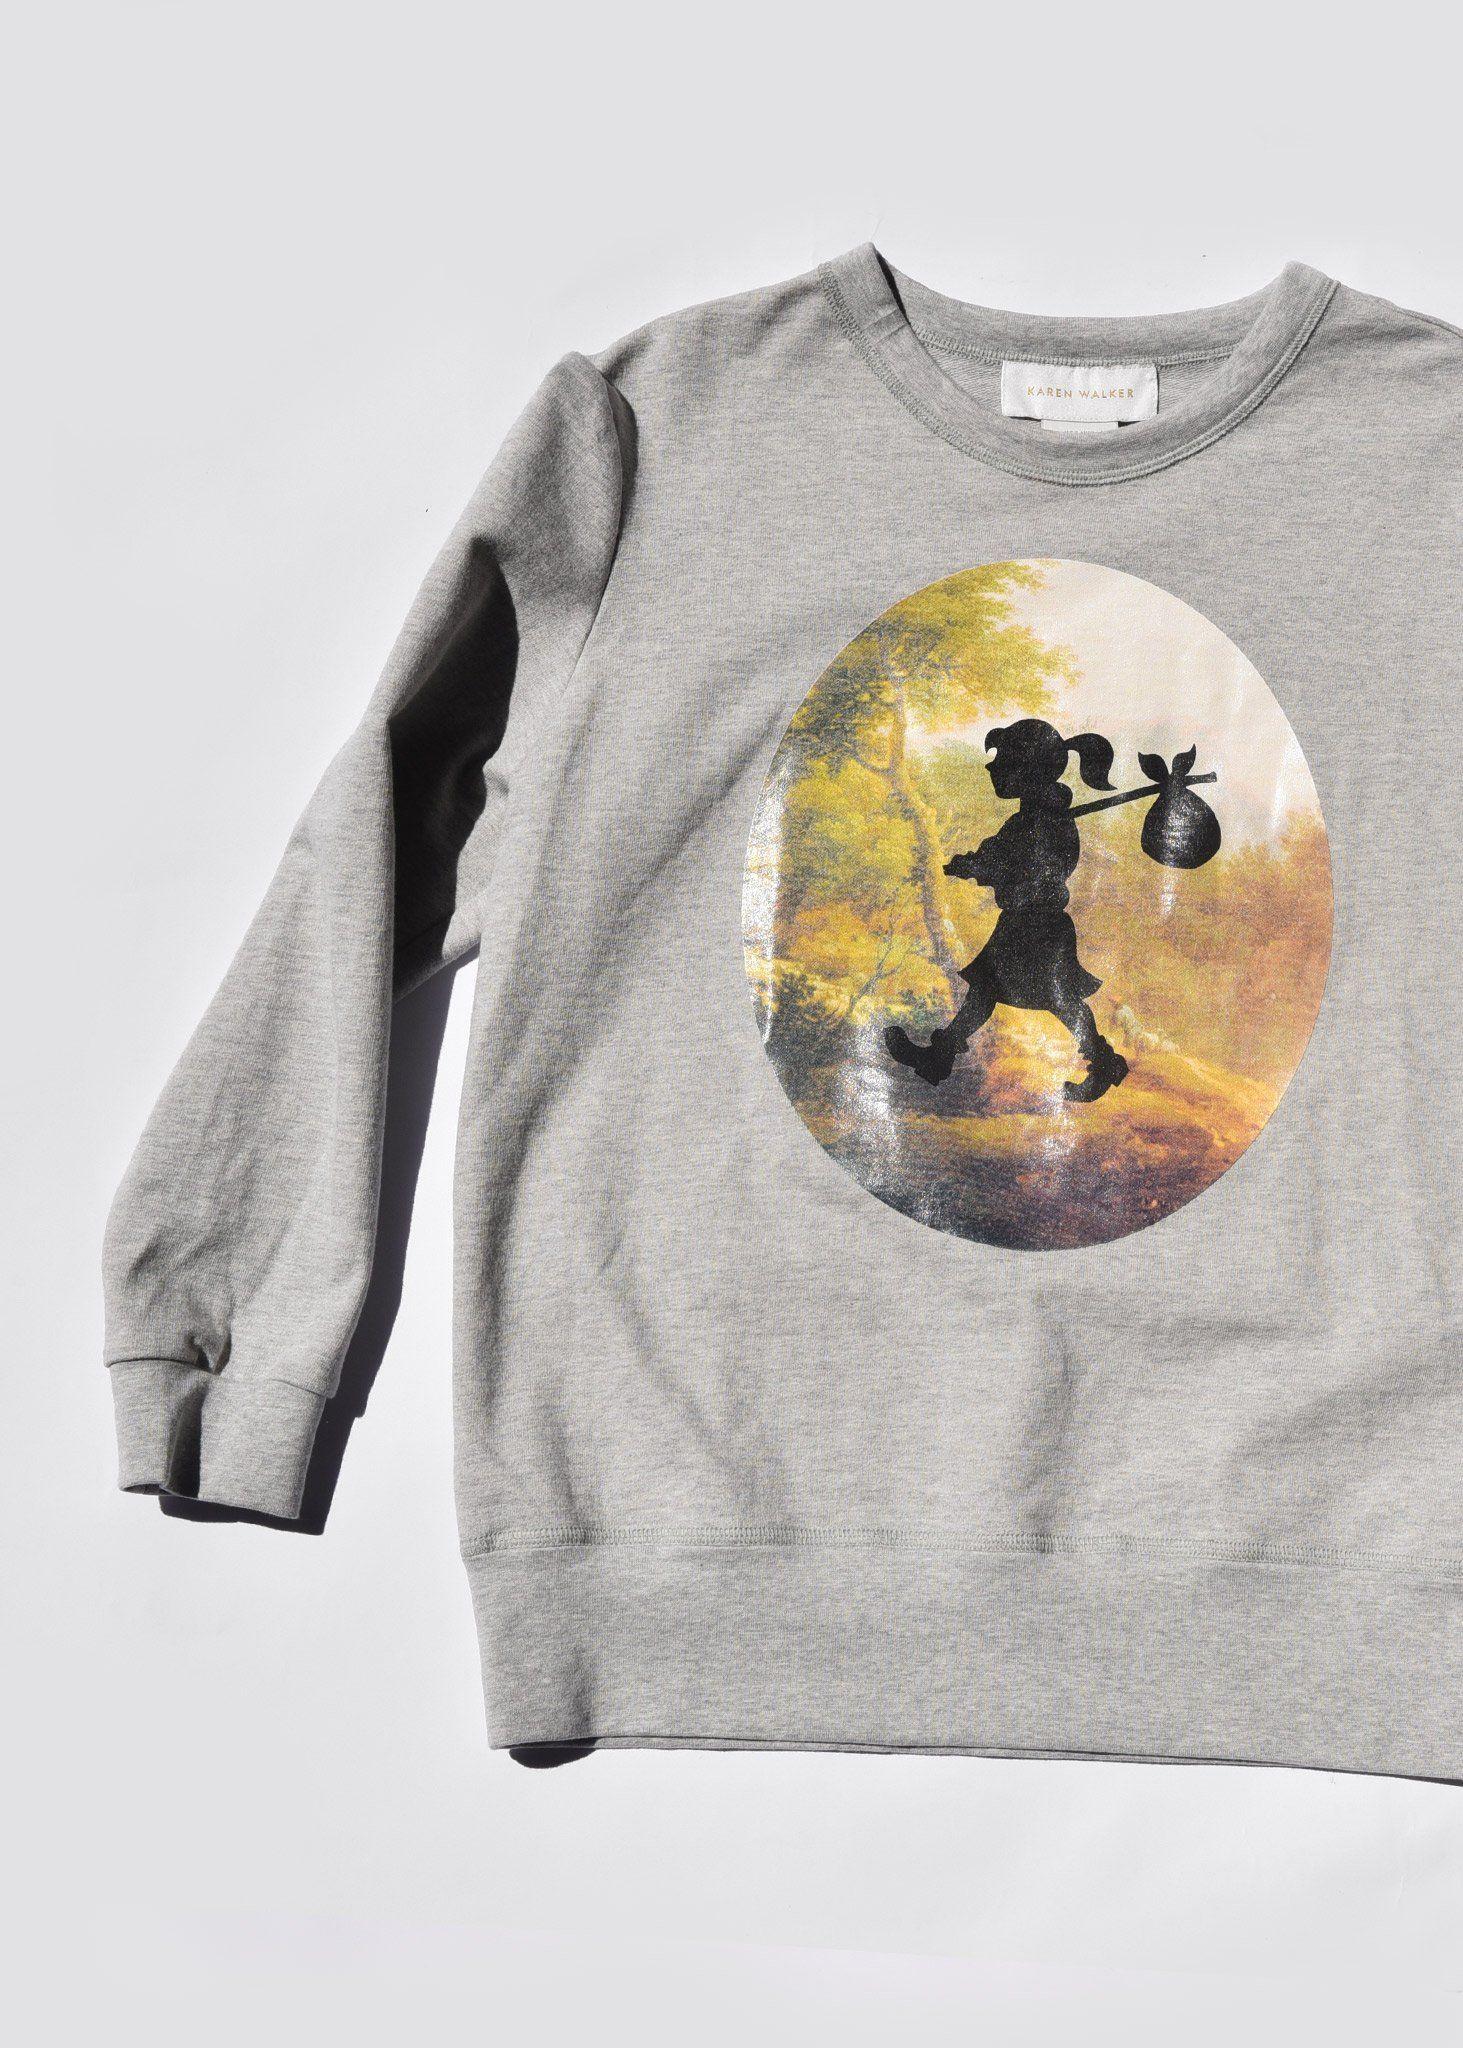 3c3991529a8 Lost Girl Sweatshirt by Karen Walker at Dead Pretty